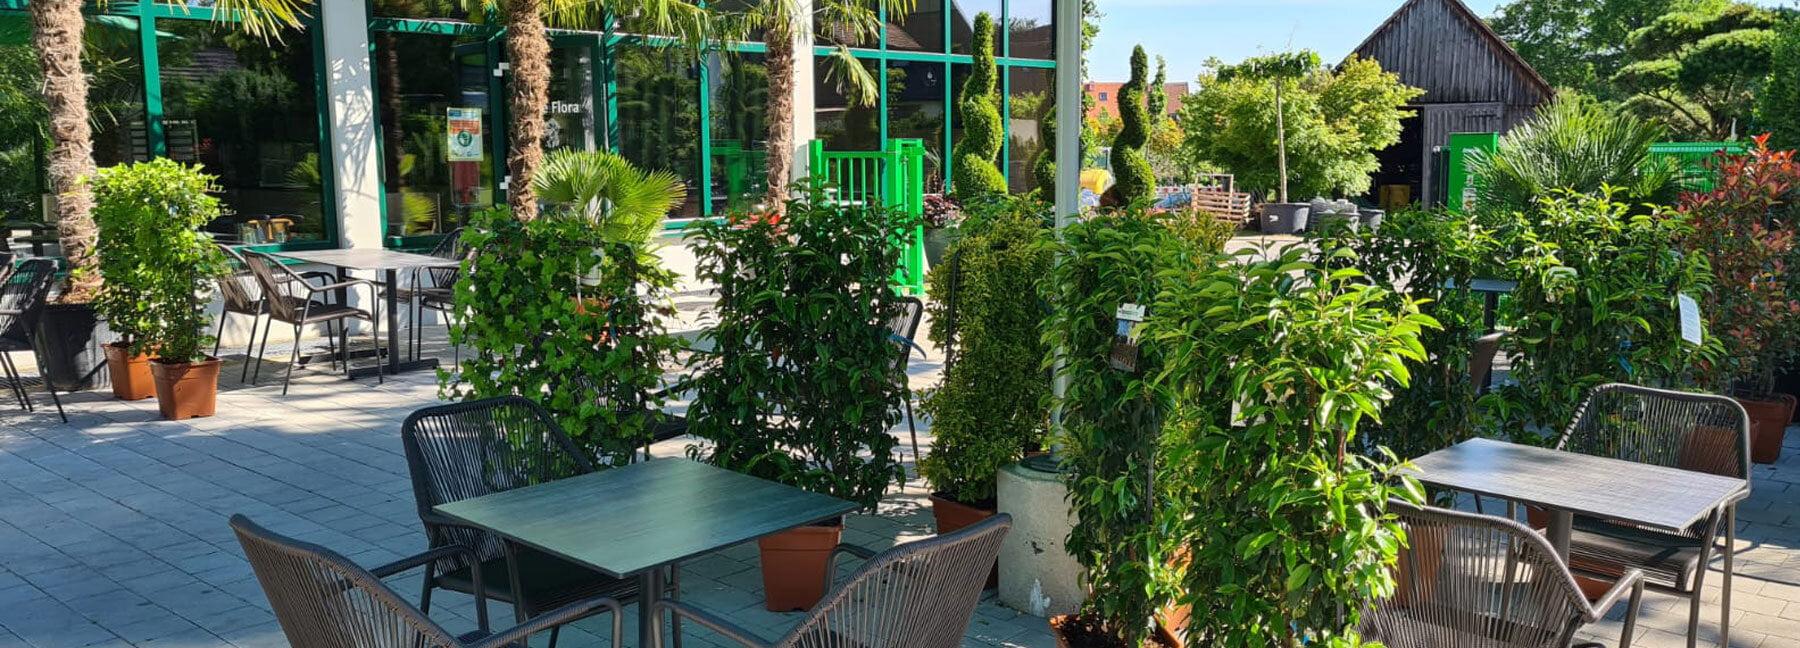 Cafe Flora Nürnberg